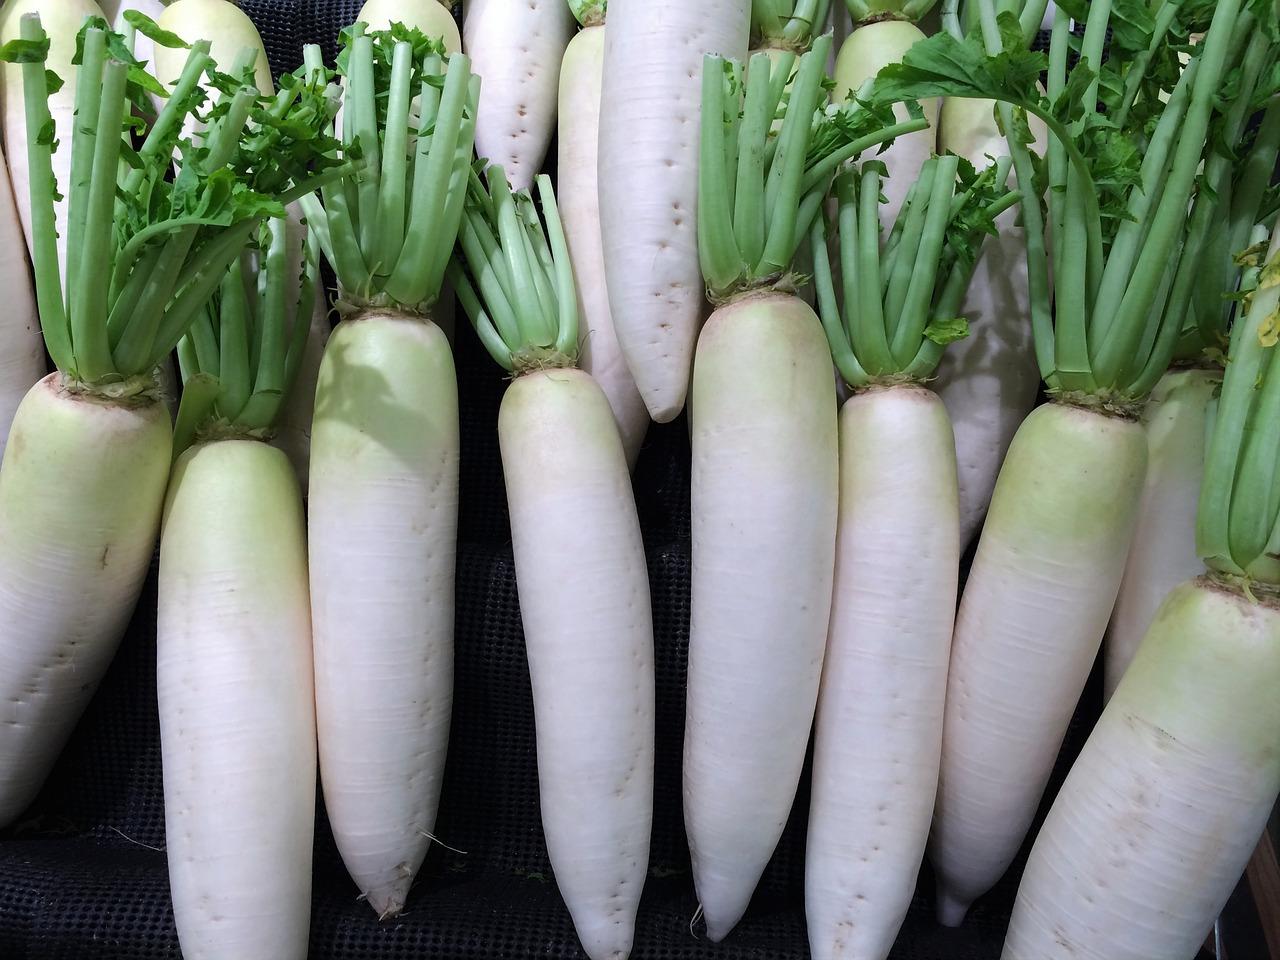 免疫力アップの冬野菜は大根!子供も食べやすいレシピです